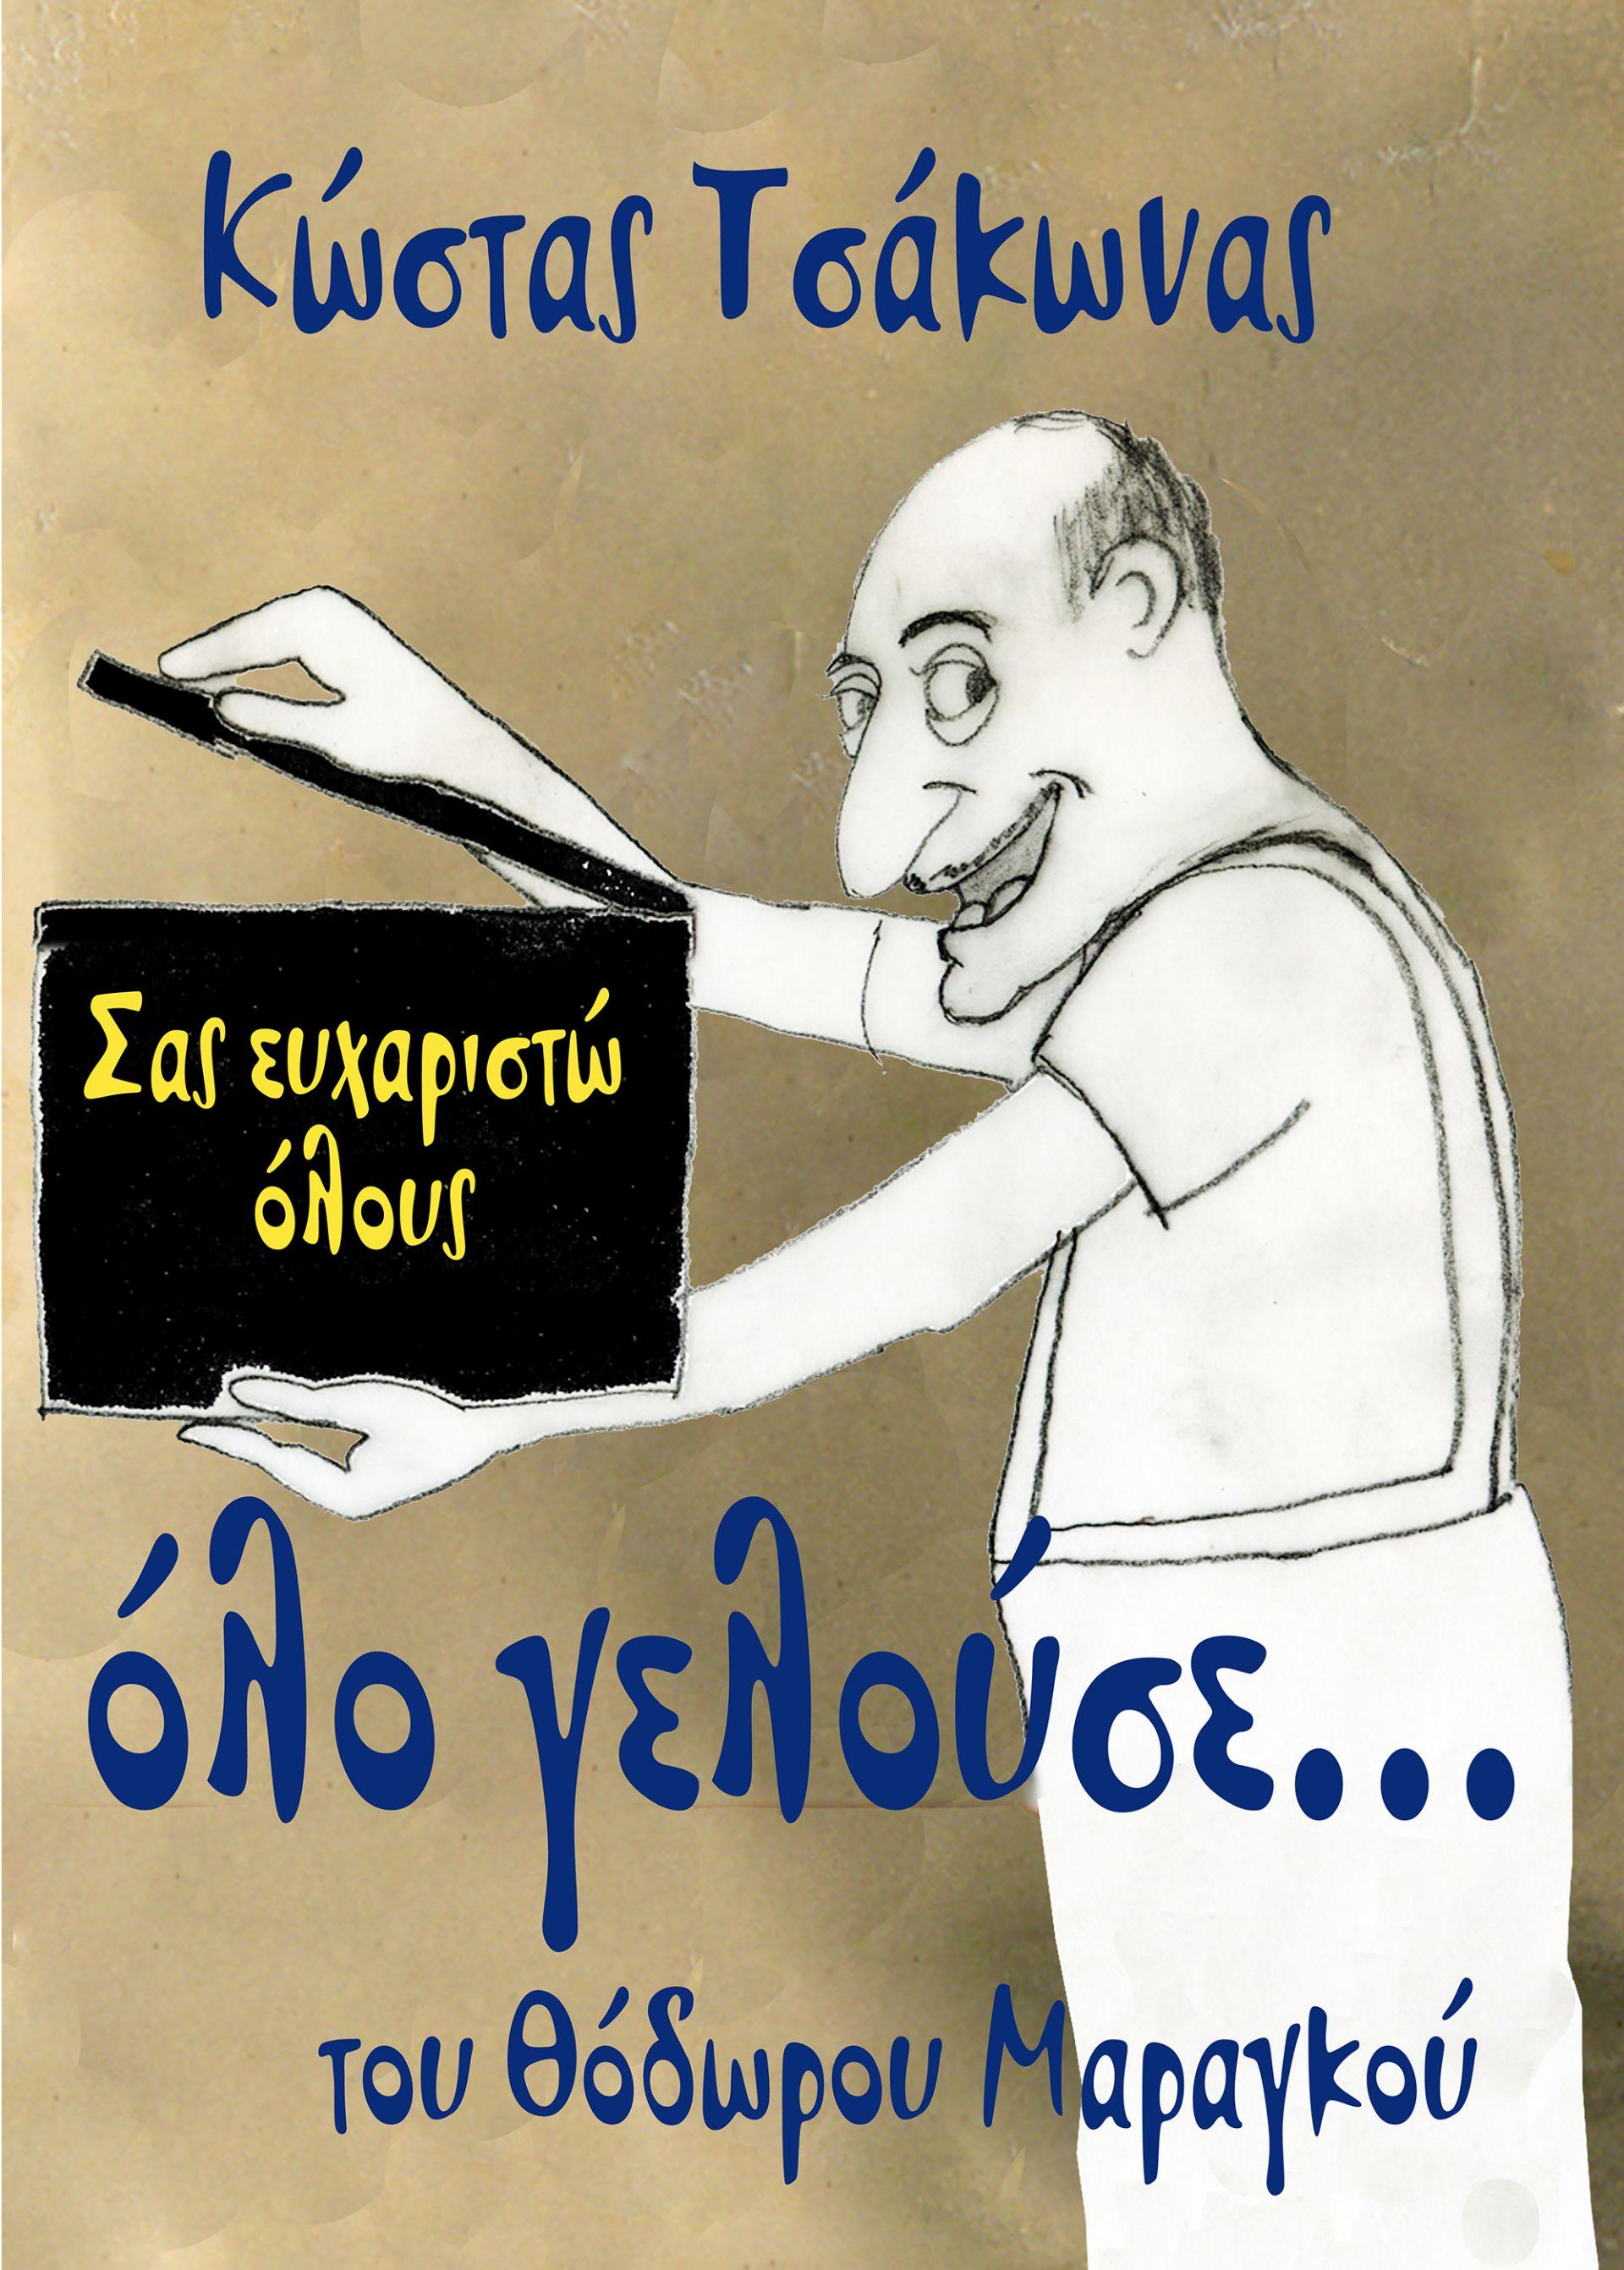 """""""Ολο γελούσε"""" - Ντοκυμαντέρ του Θεόδωρου Μαραγκού μέσα από το οποίο ζωντανεύει το κινηματογραφικό πορτραίτο του Κώστα Τσάκωνα."""